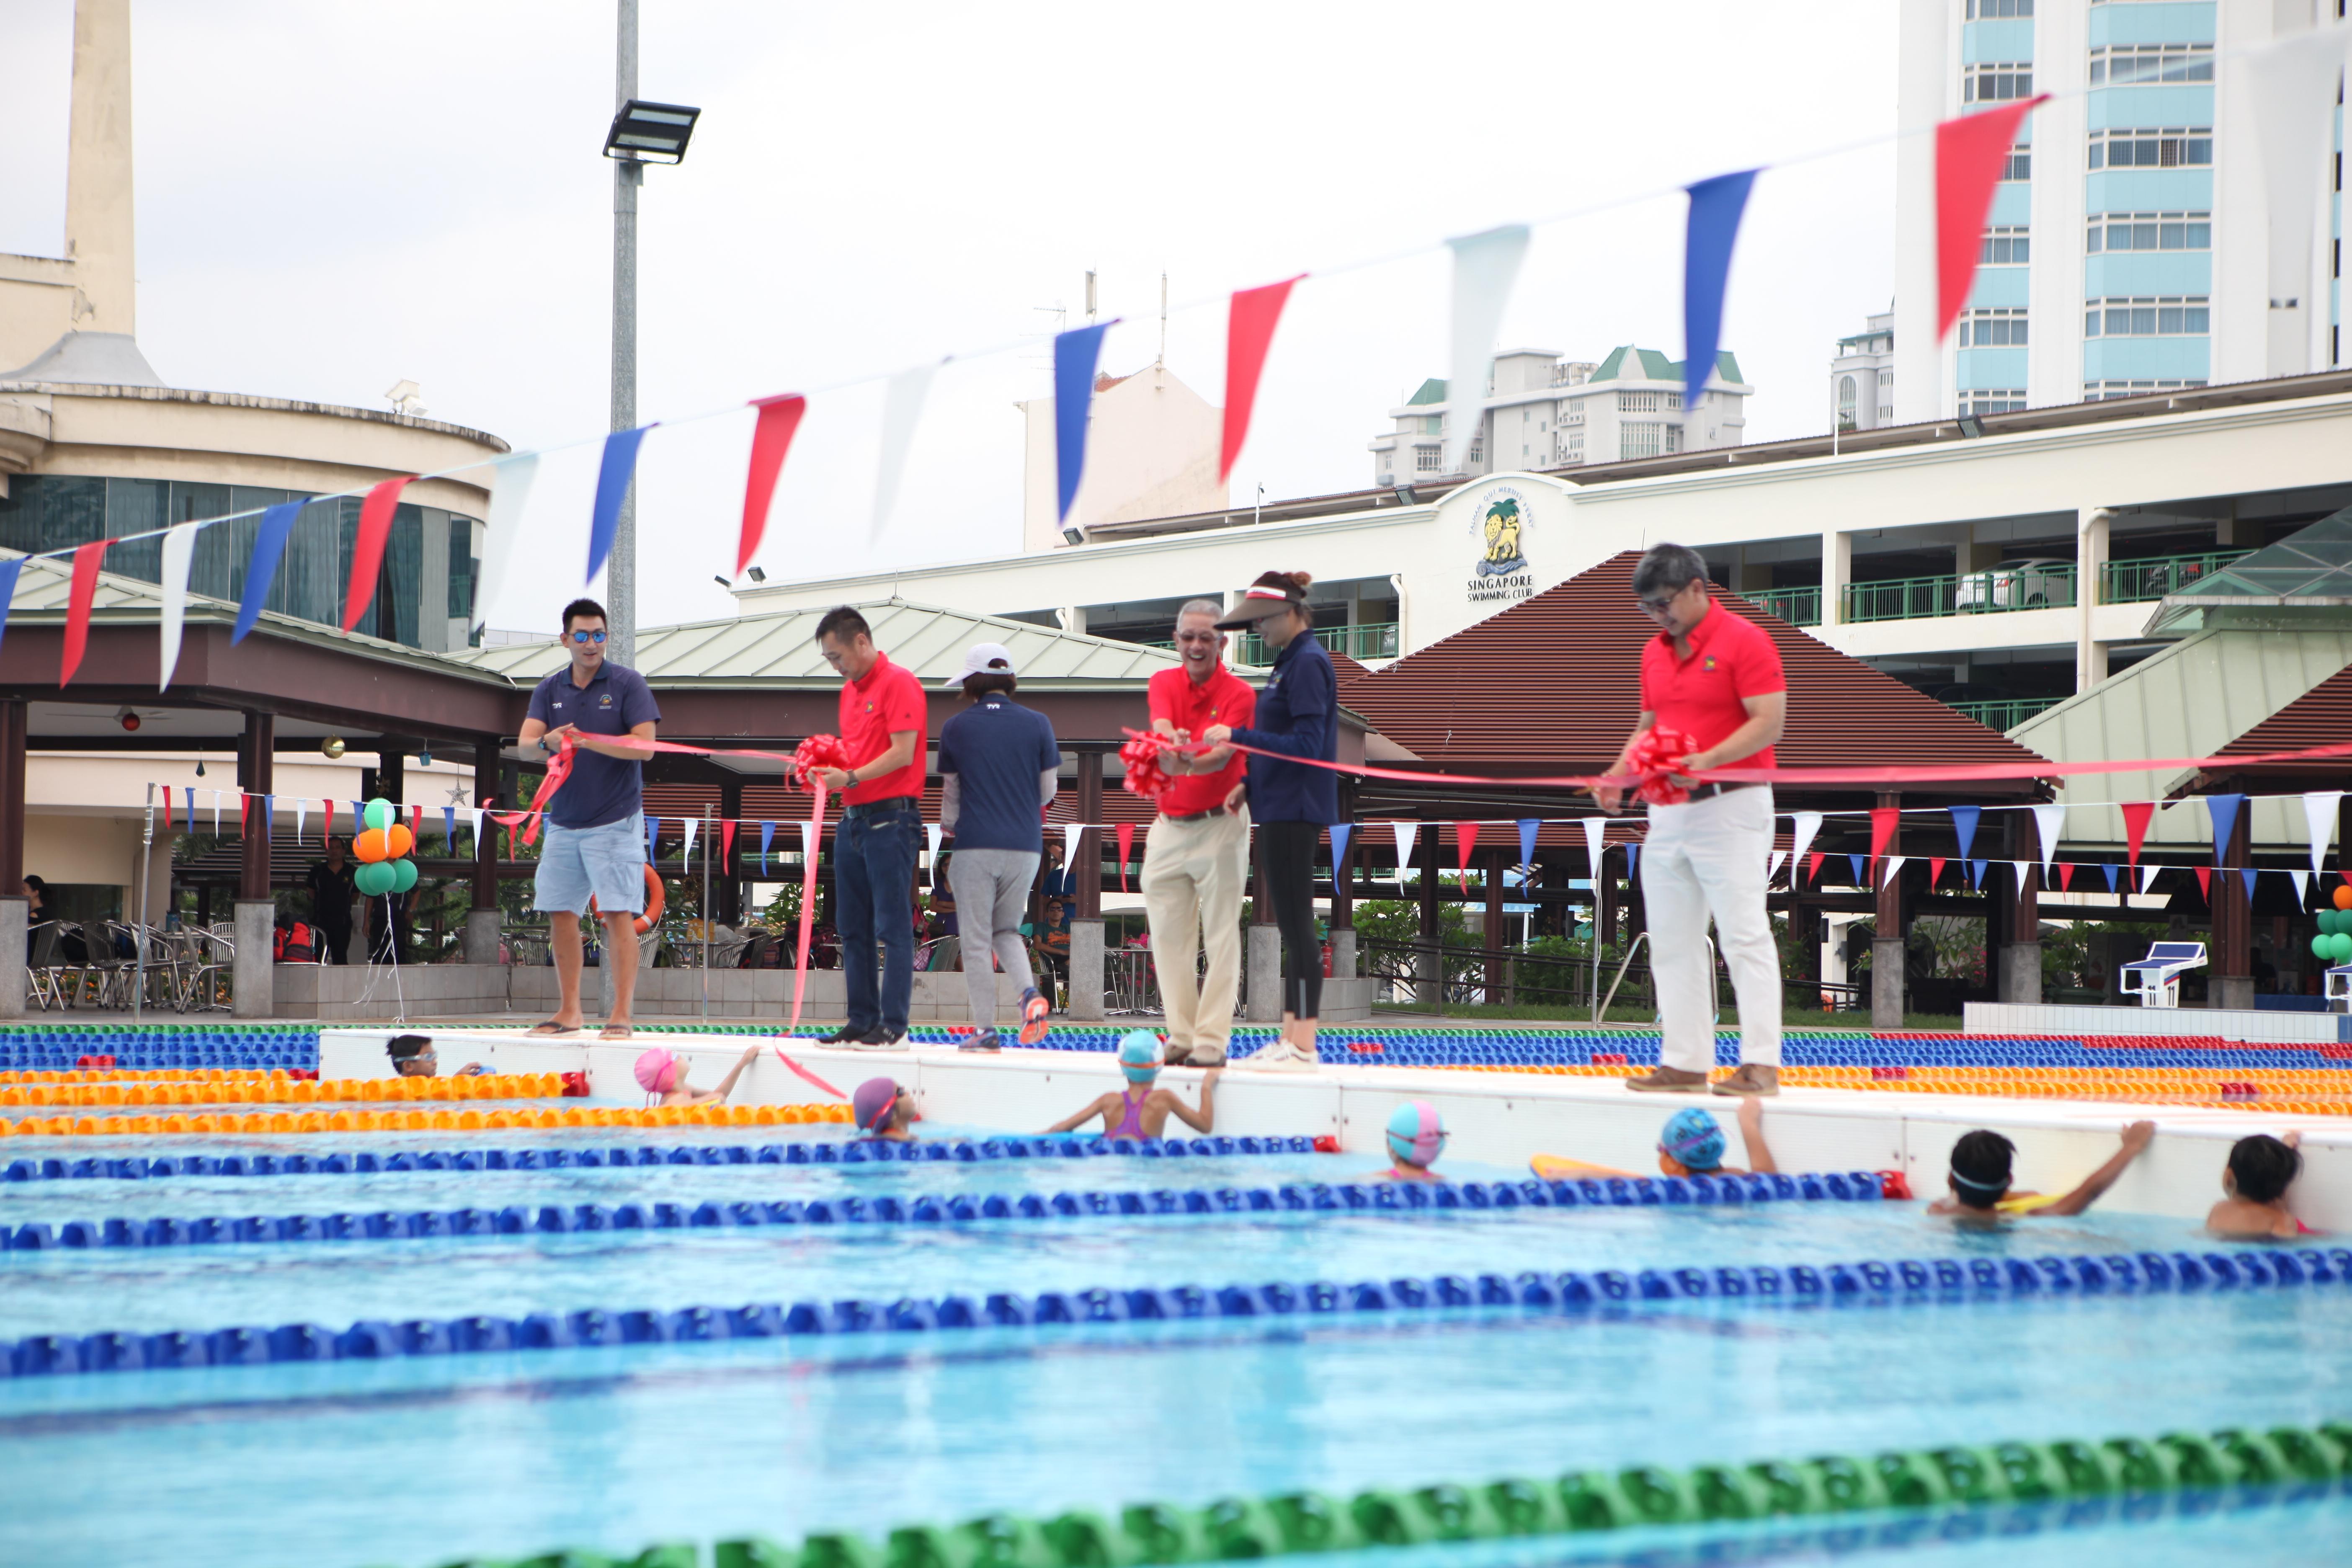 Club Milestones Singapore Swimming Club